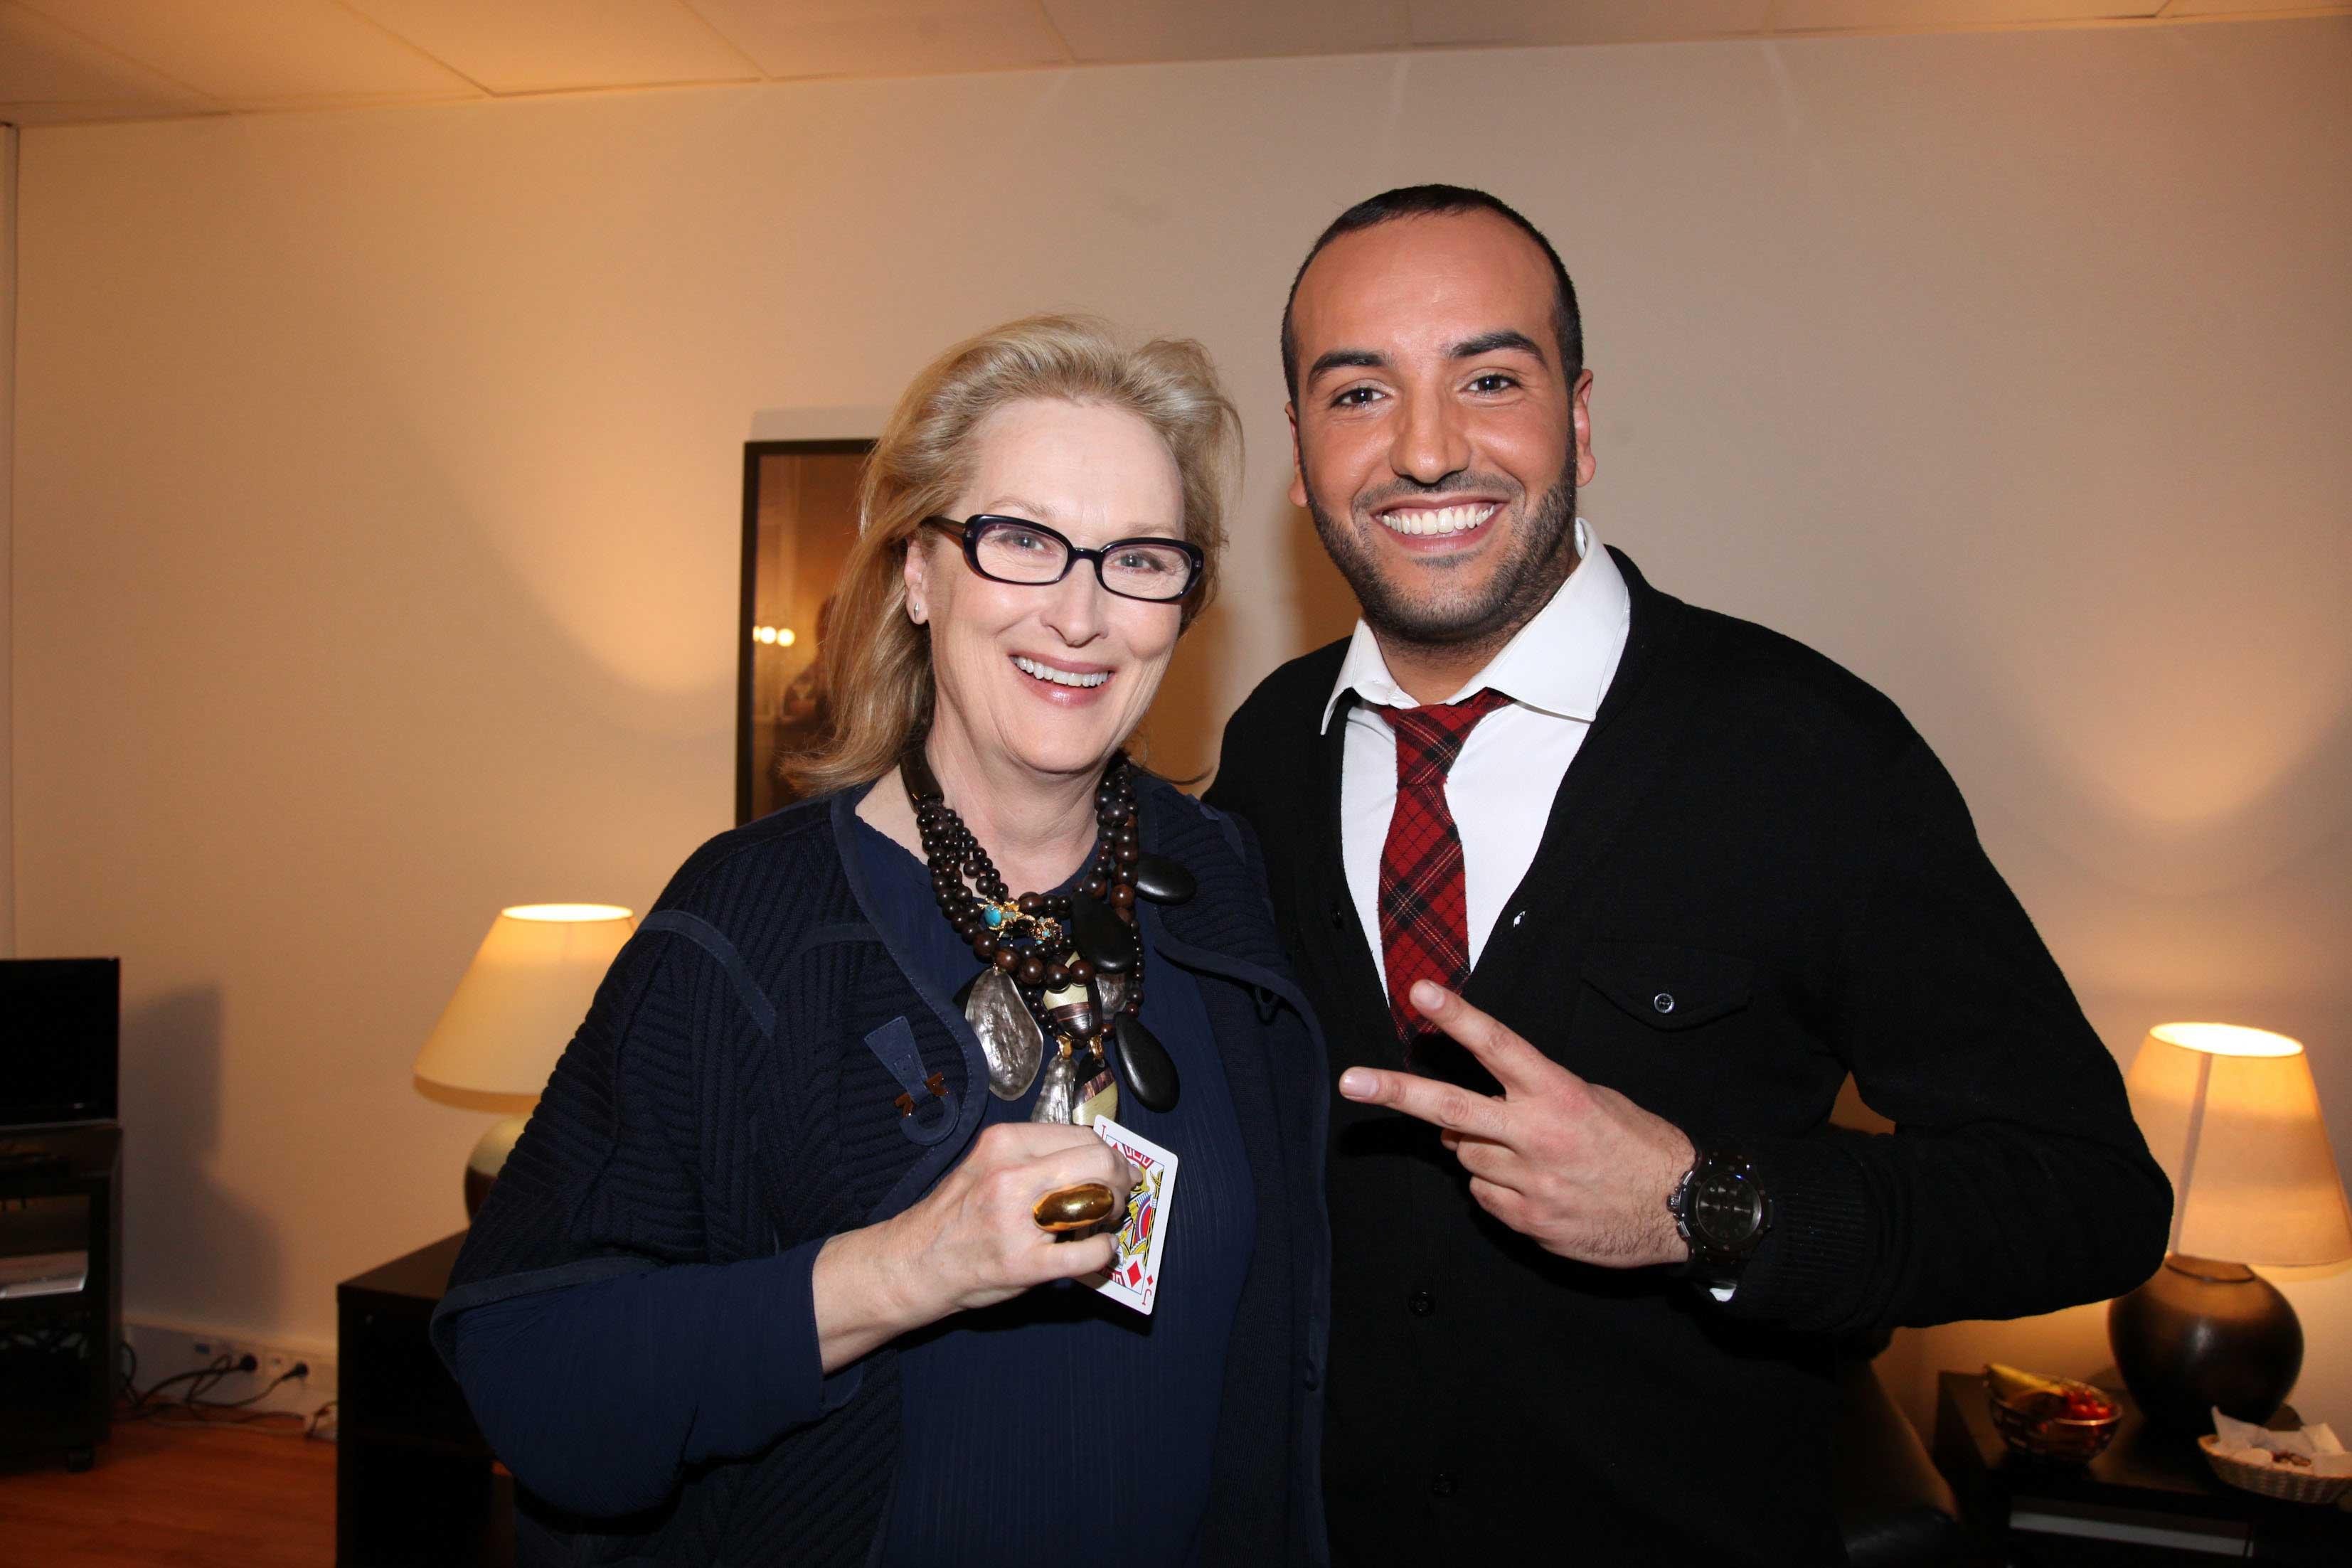 2.Meryl-Streep-New-opti